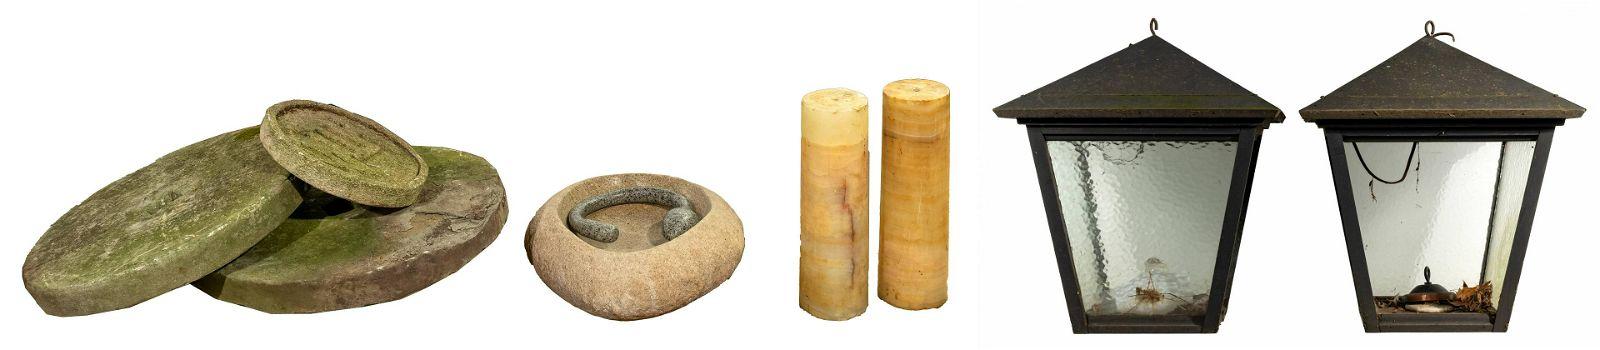 Stone Garden Object Assortment